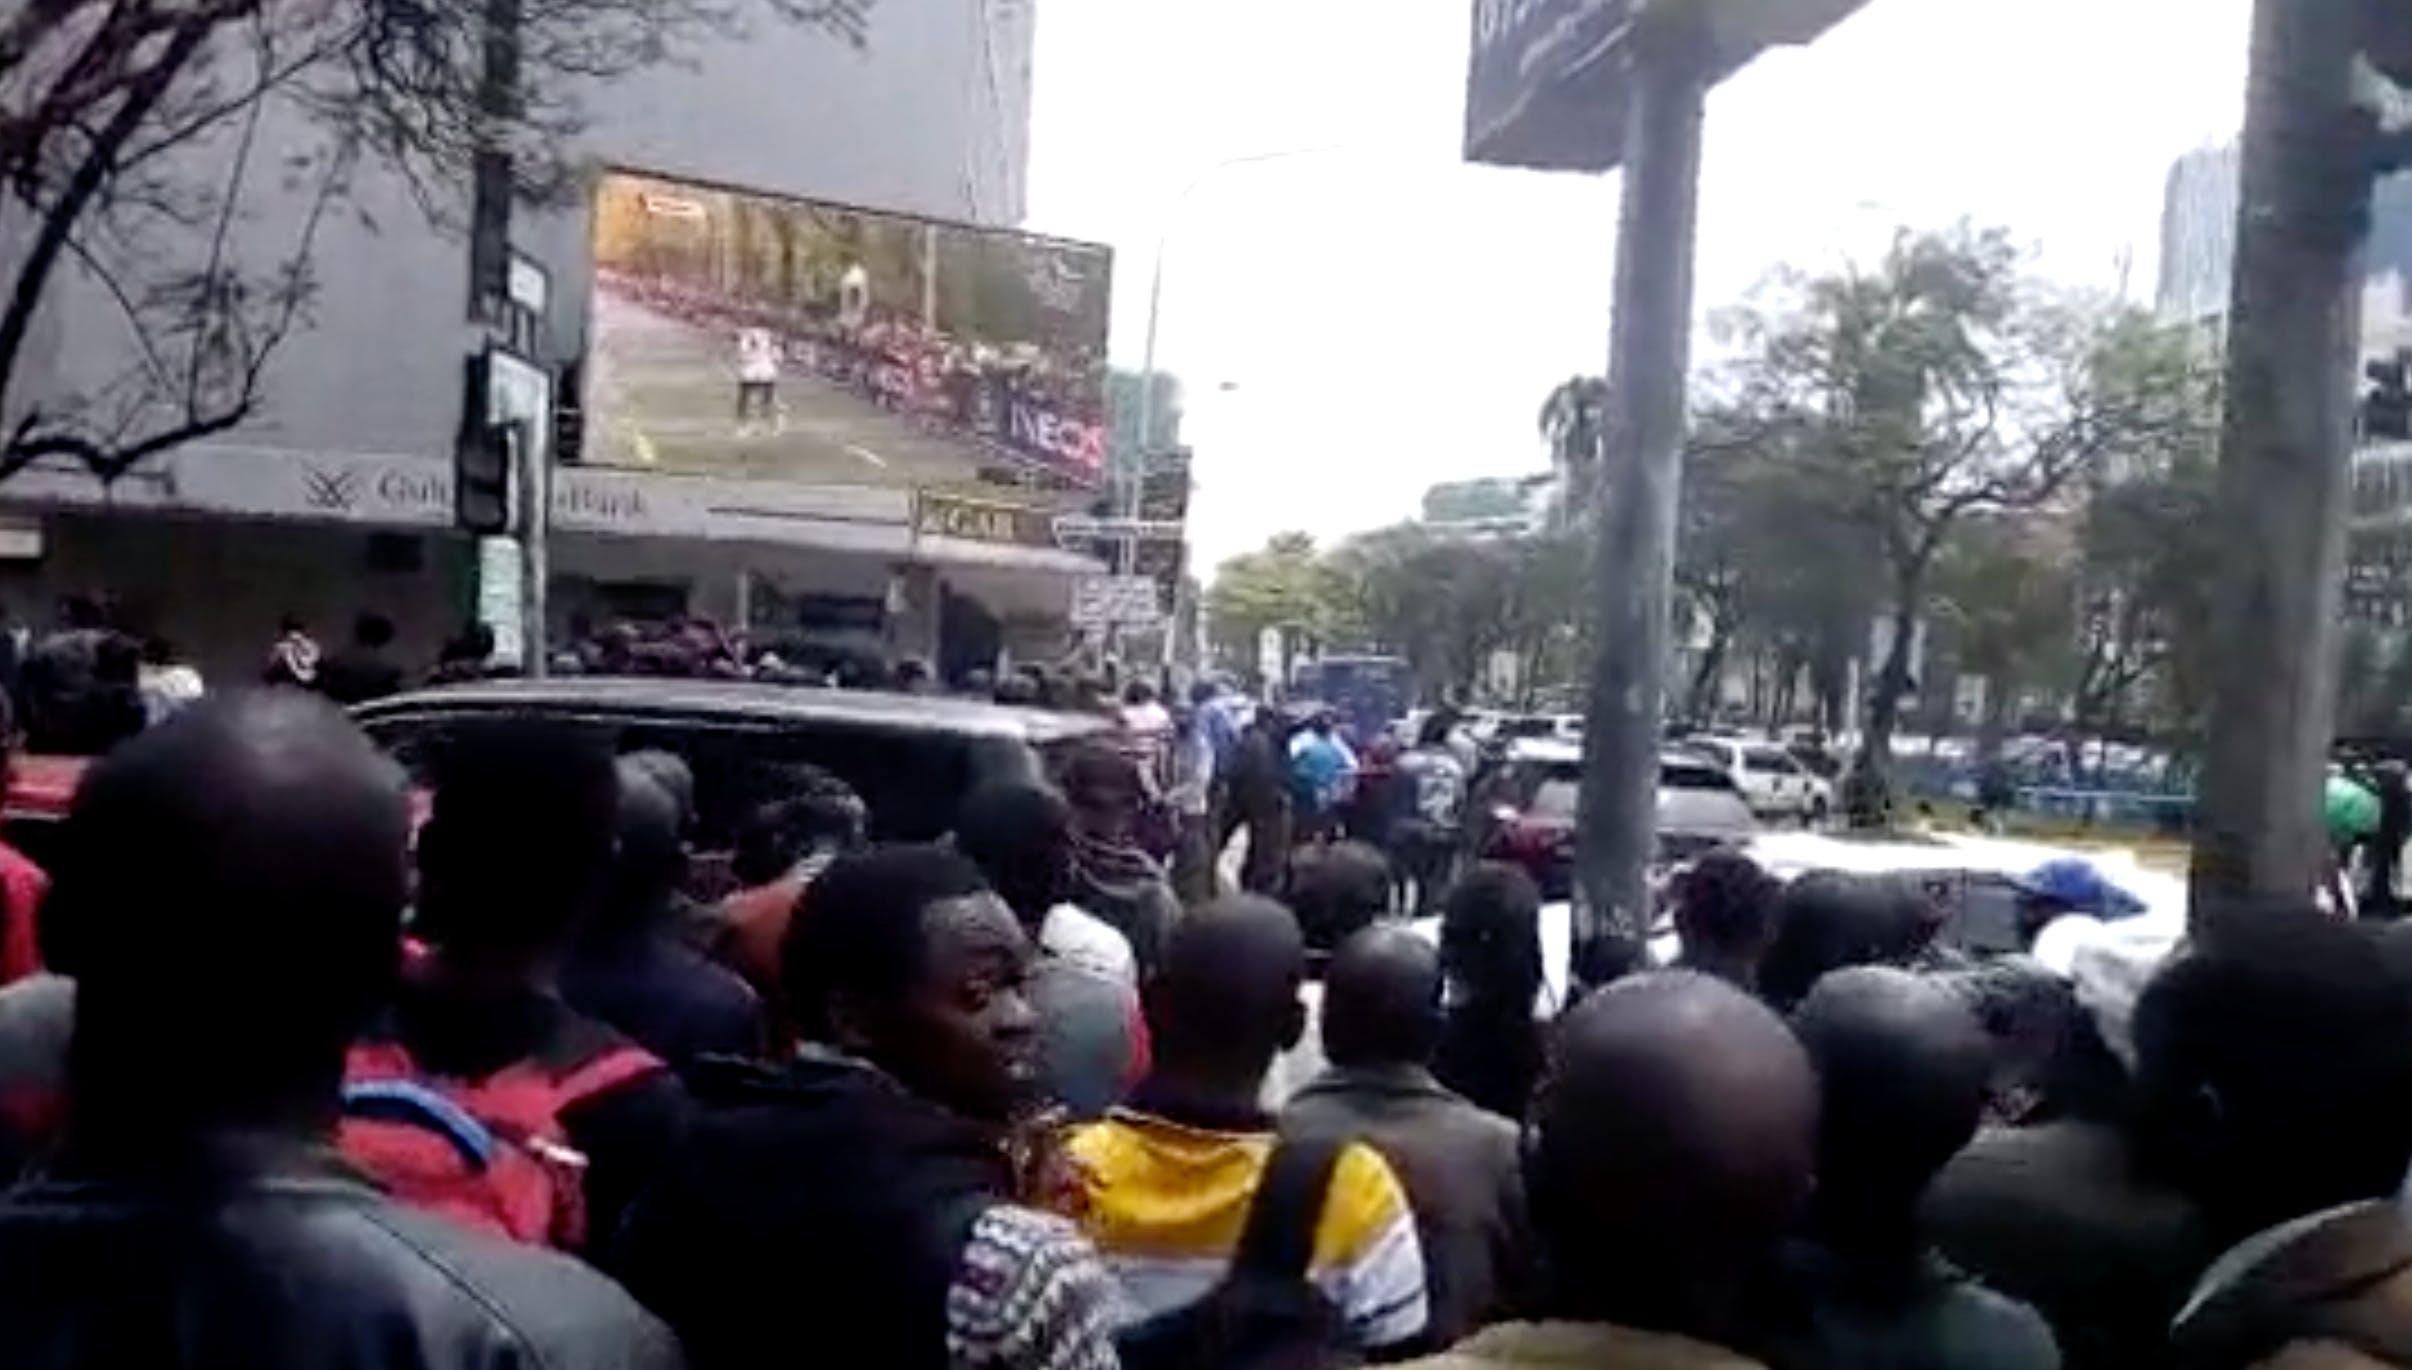 people watching outdoor screen